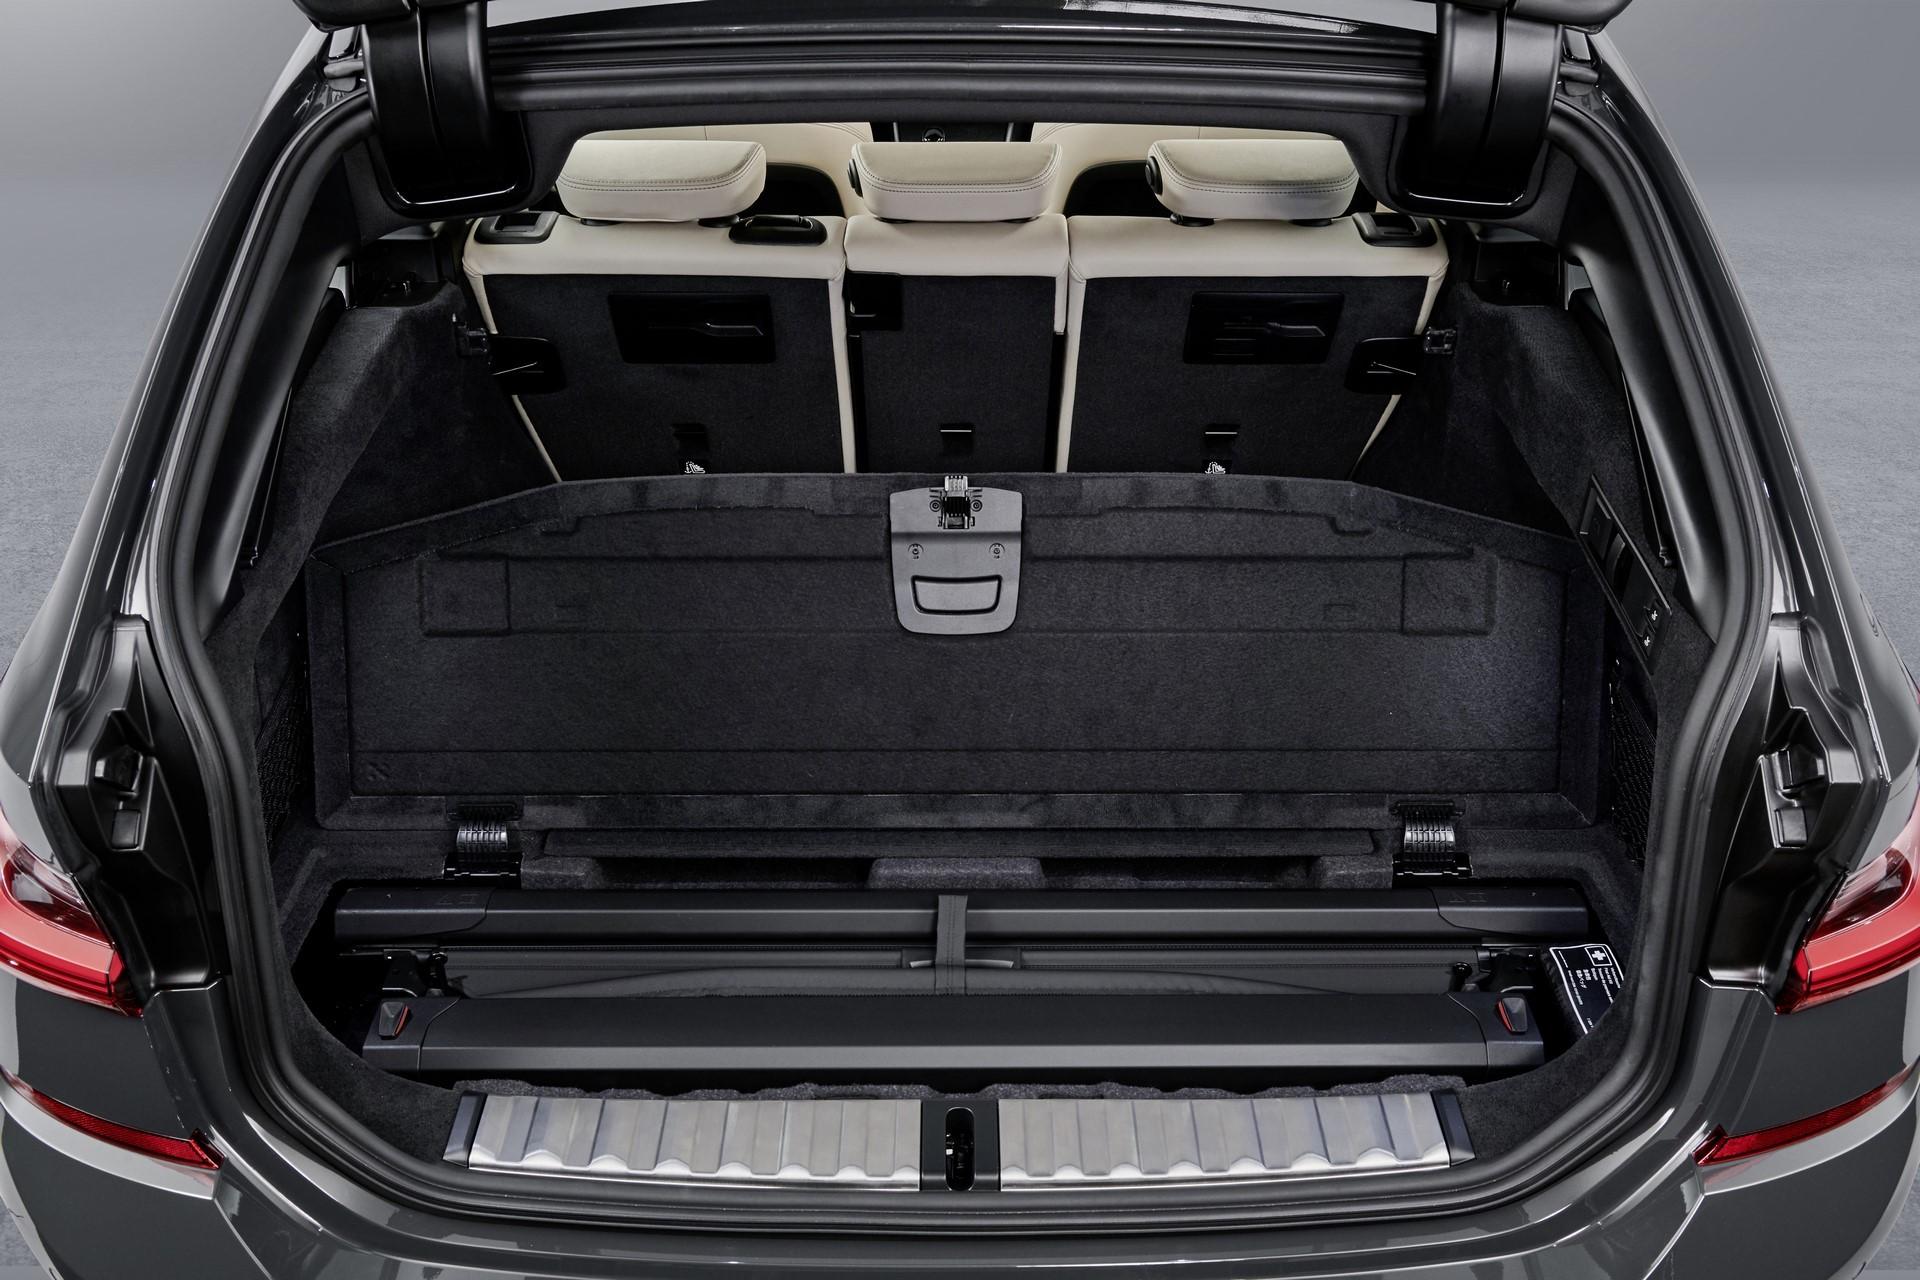 BMW-3-Series-Touring-2019-137